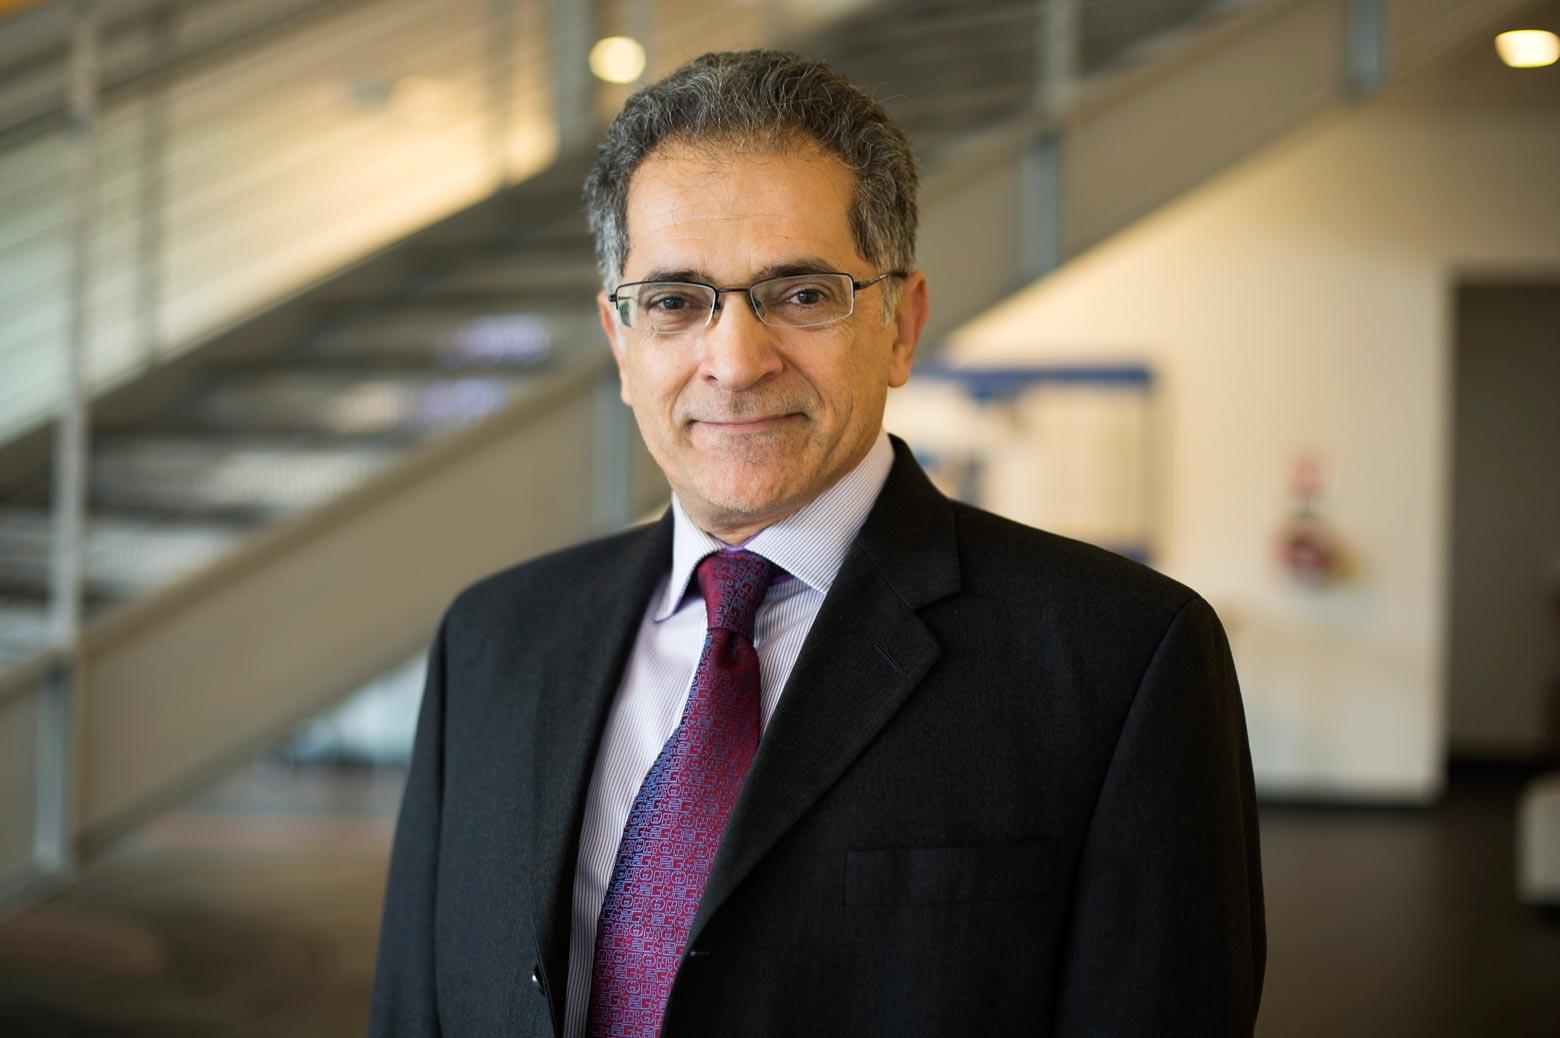 Kamal Sarabandi